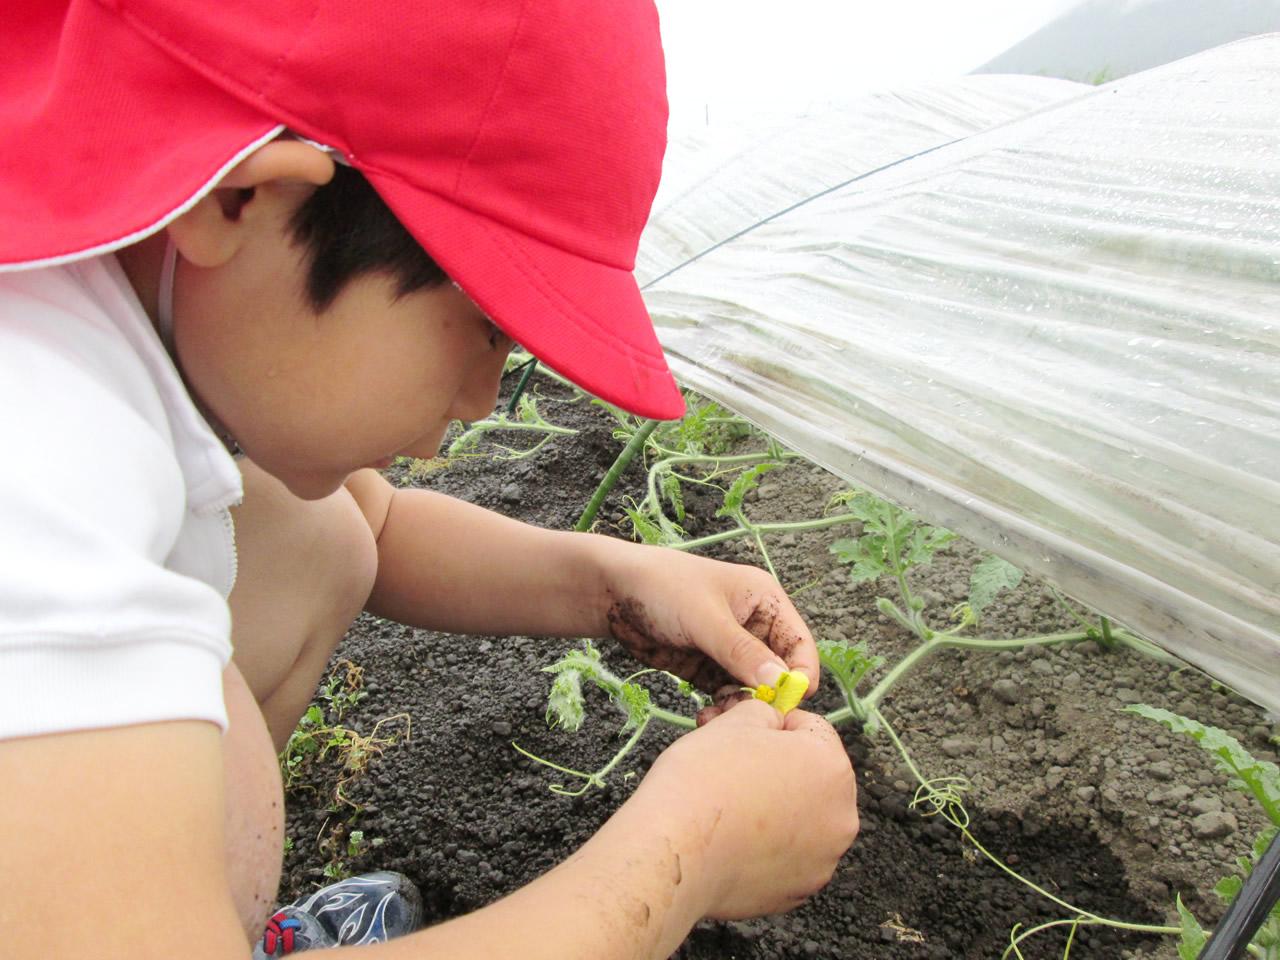 徳光小学校アグリスクール交配作業